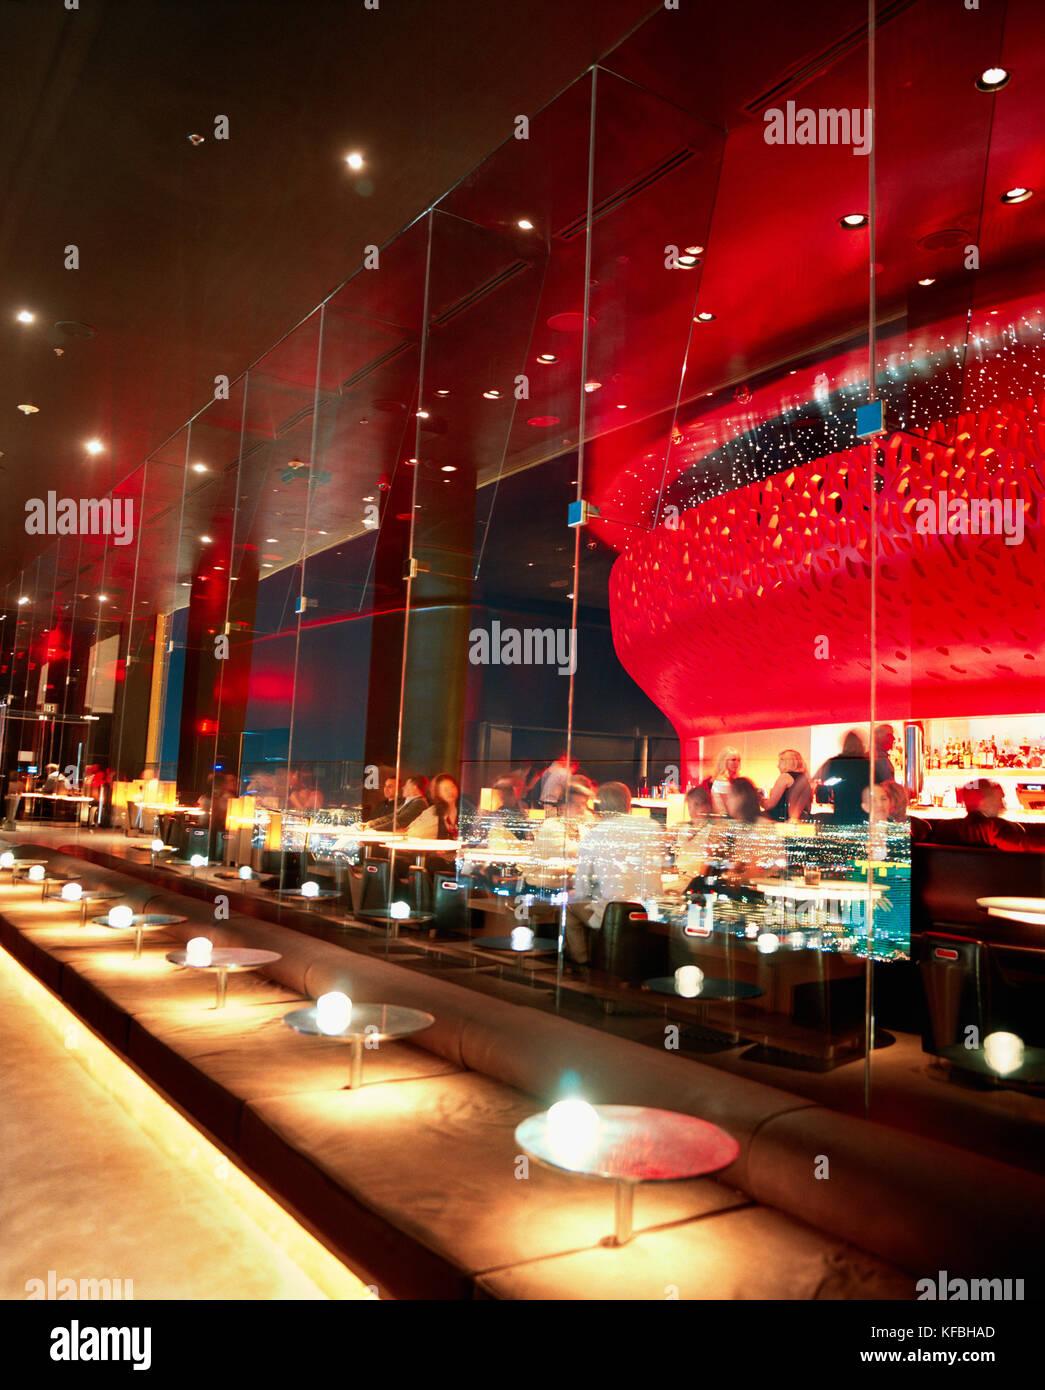 USA, Nevada, A bar at the Mandalay Hotel. - Stock Image